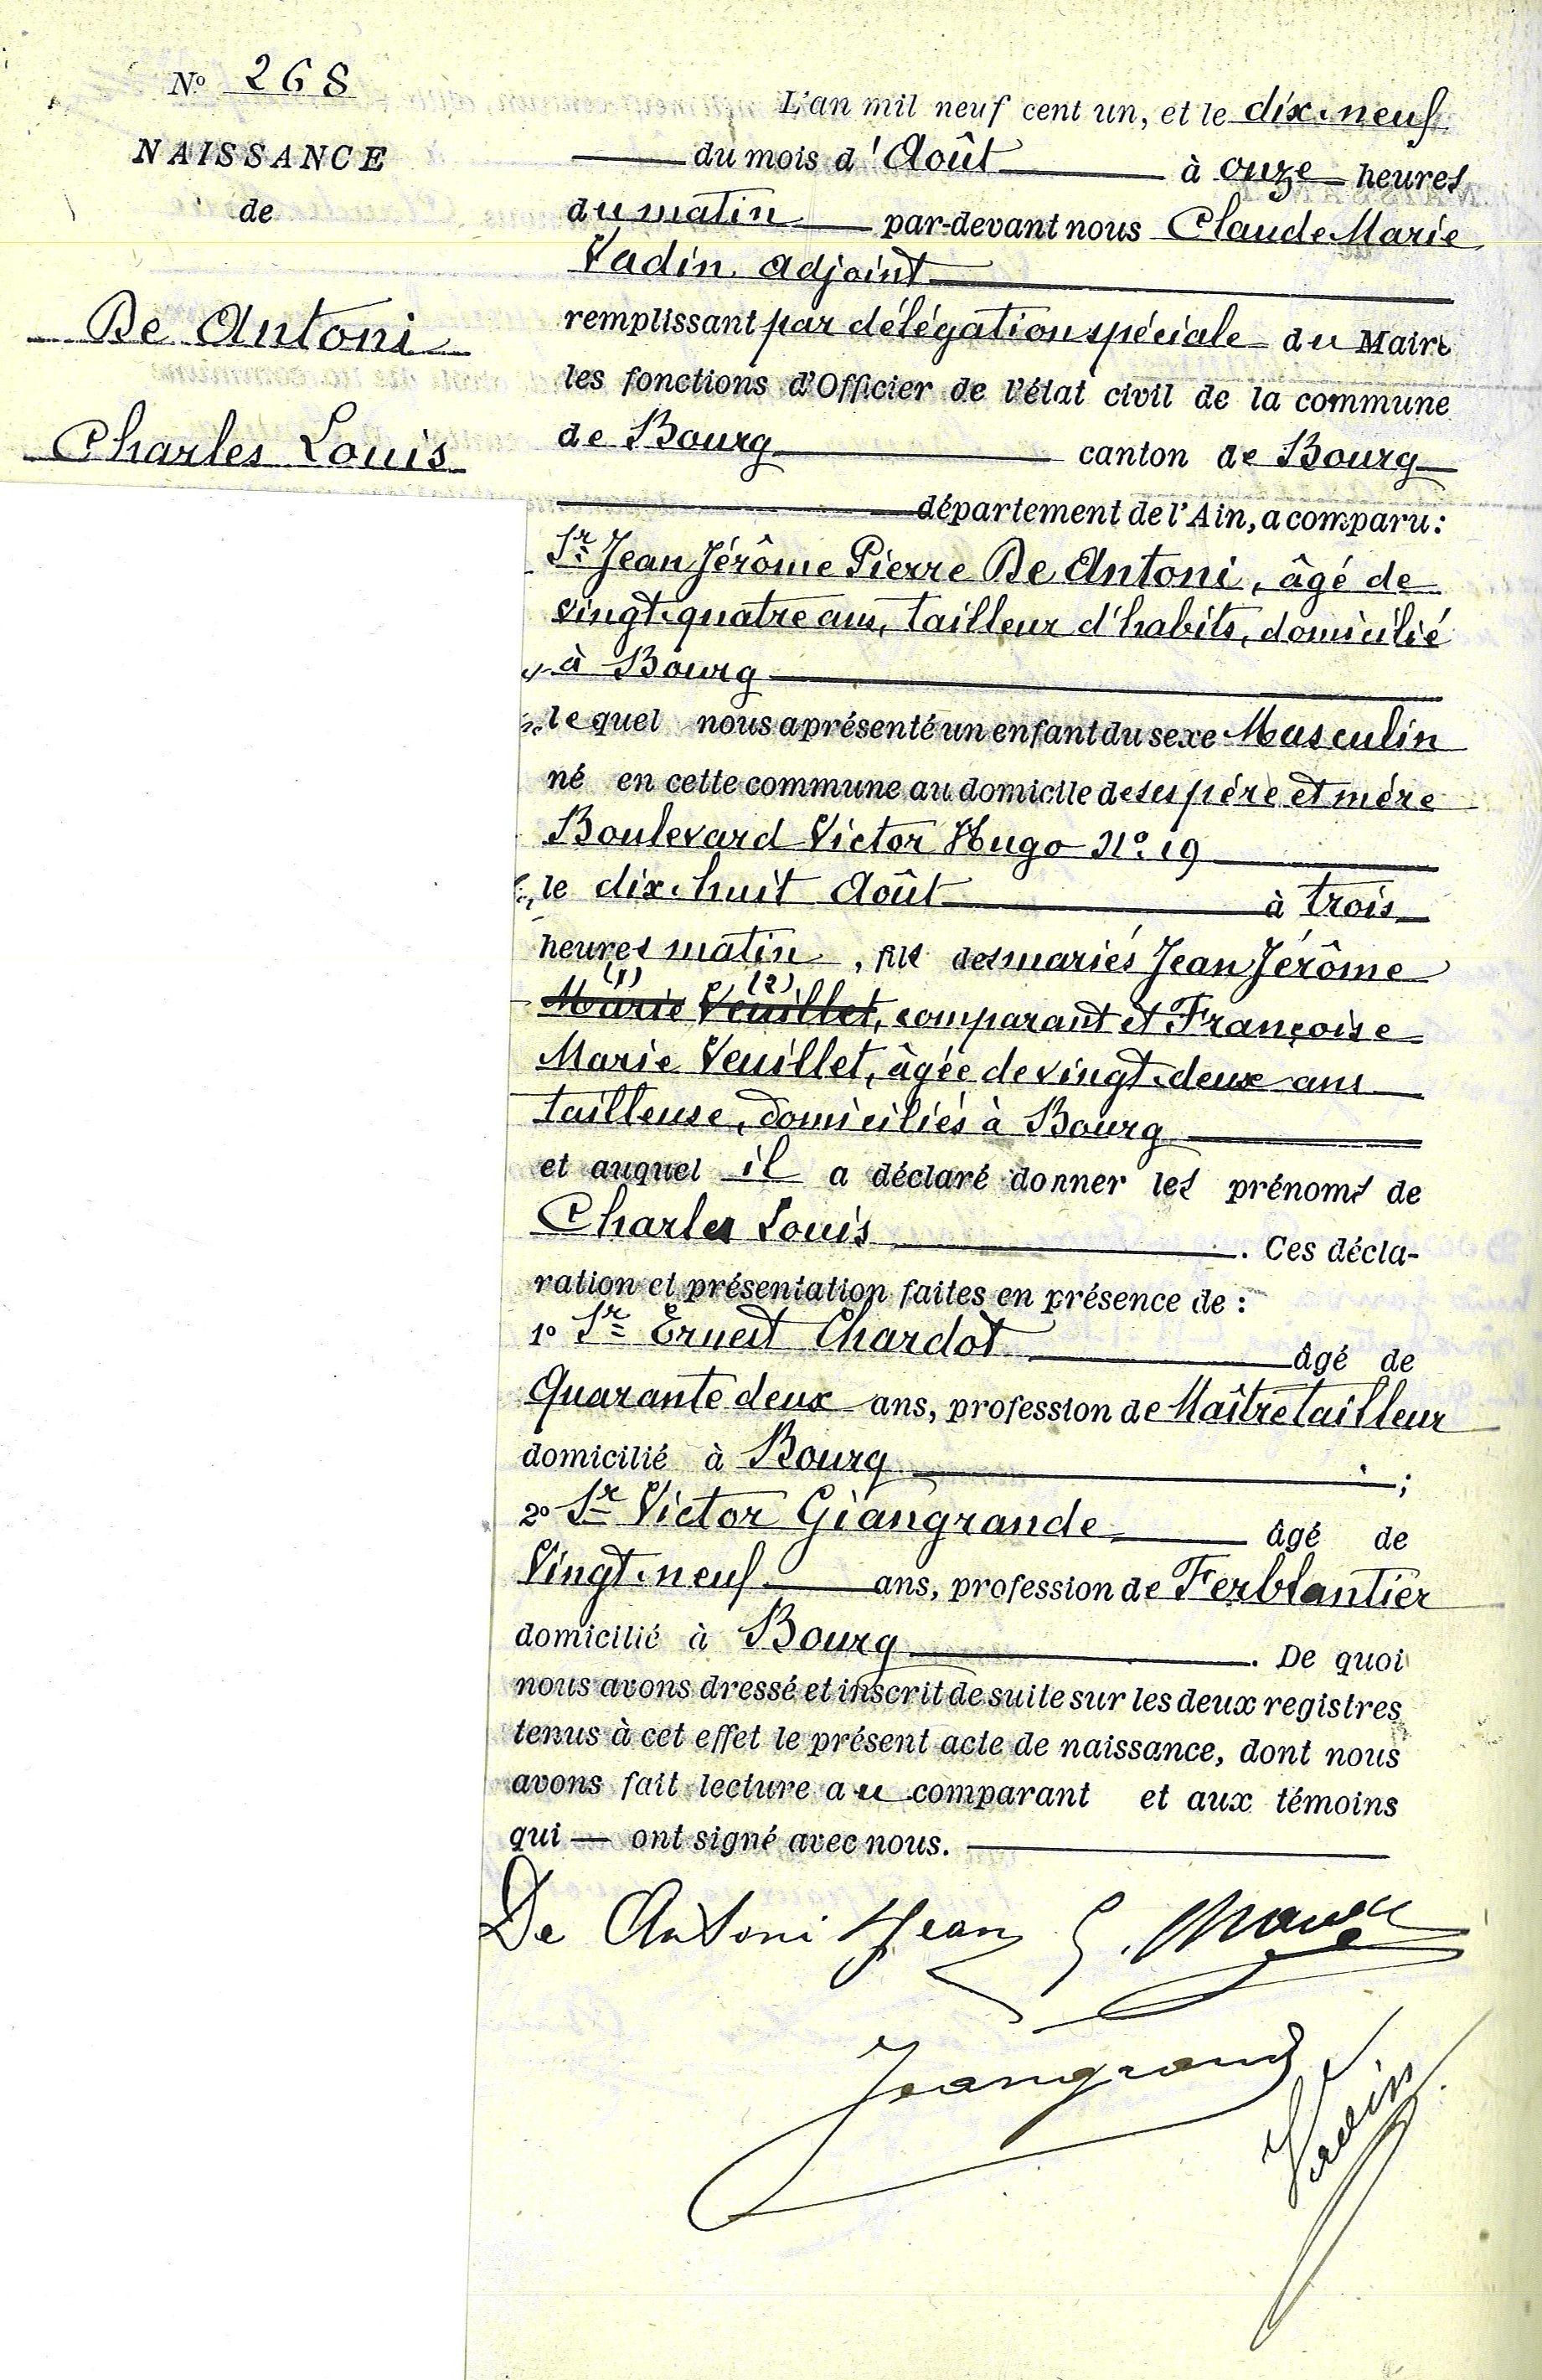 veronique de villele date de naissance charles de antoni horoscope for birth date 18 august 1901